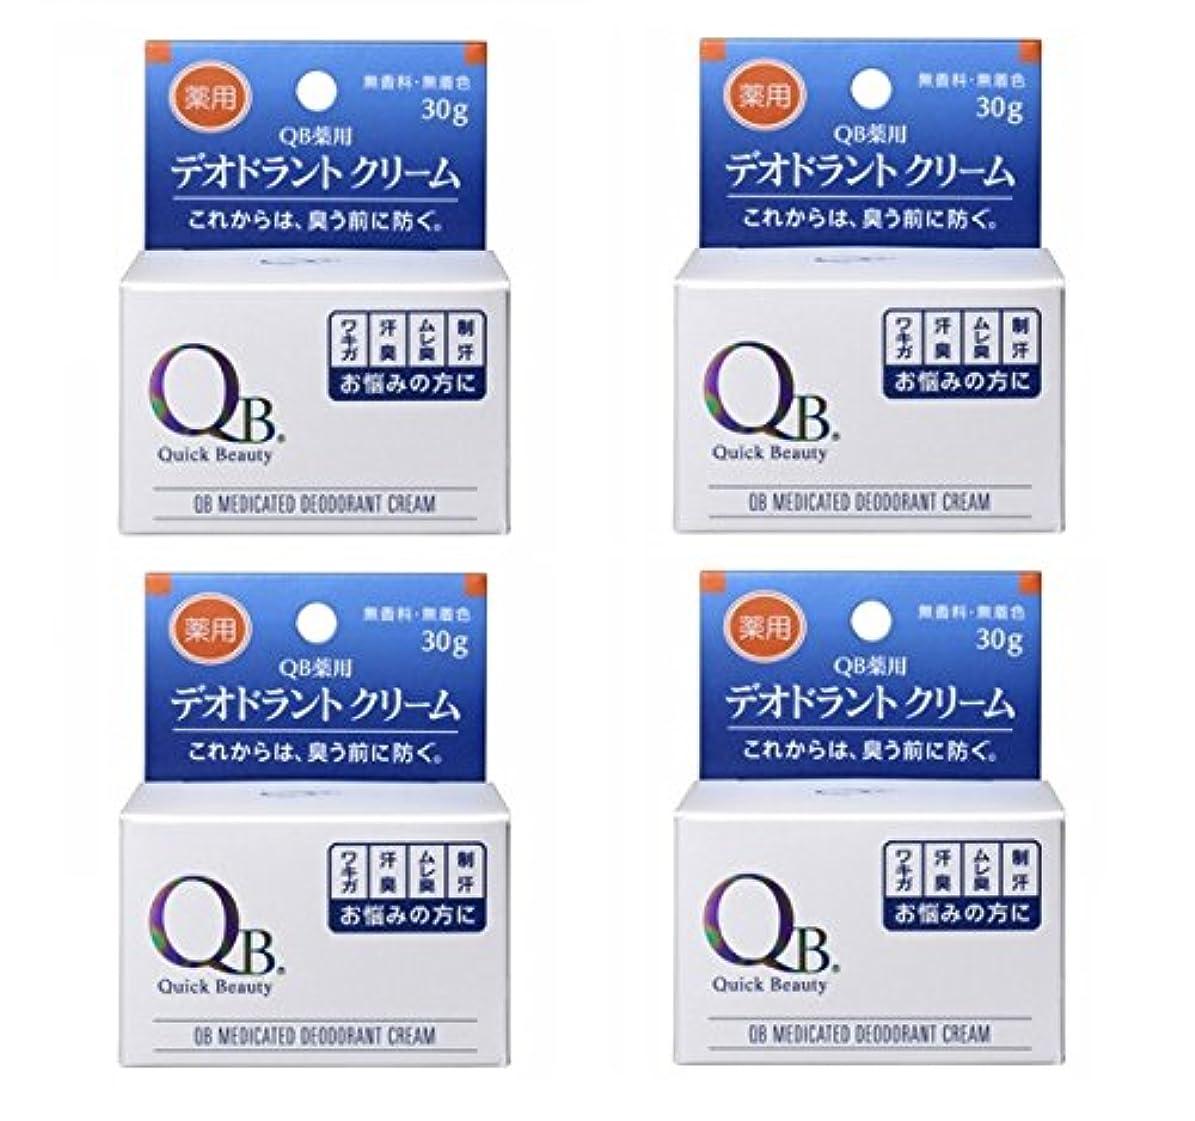 キャンペーン受粉する思想【×4個】 QB 薬用デオドラントクリーム 30g 【国内正規品】